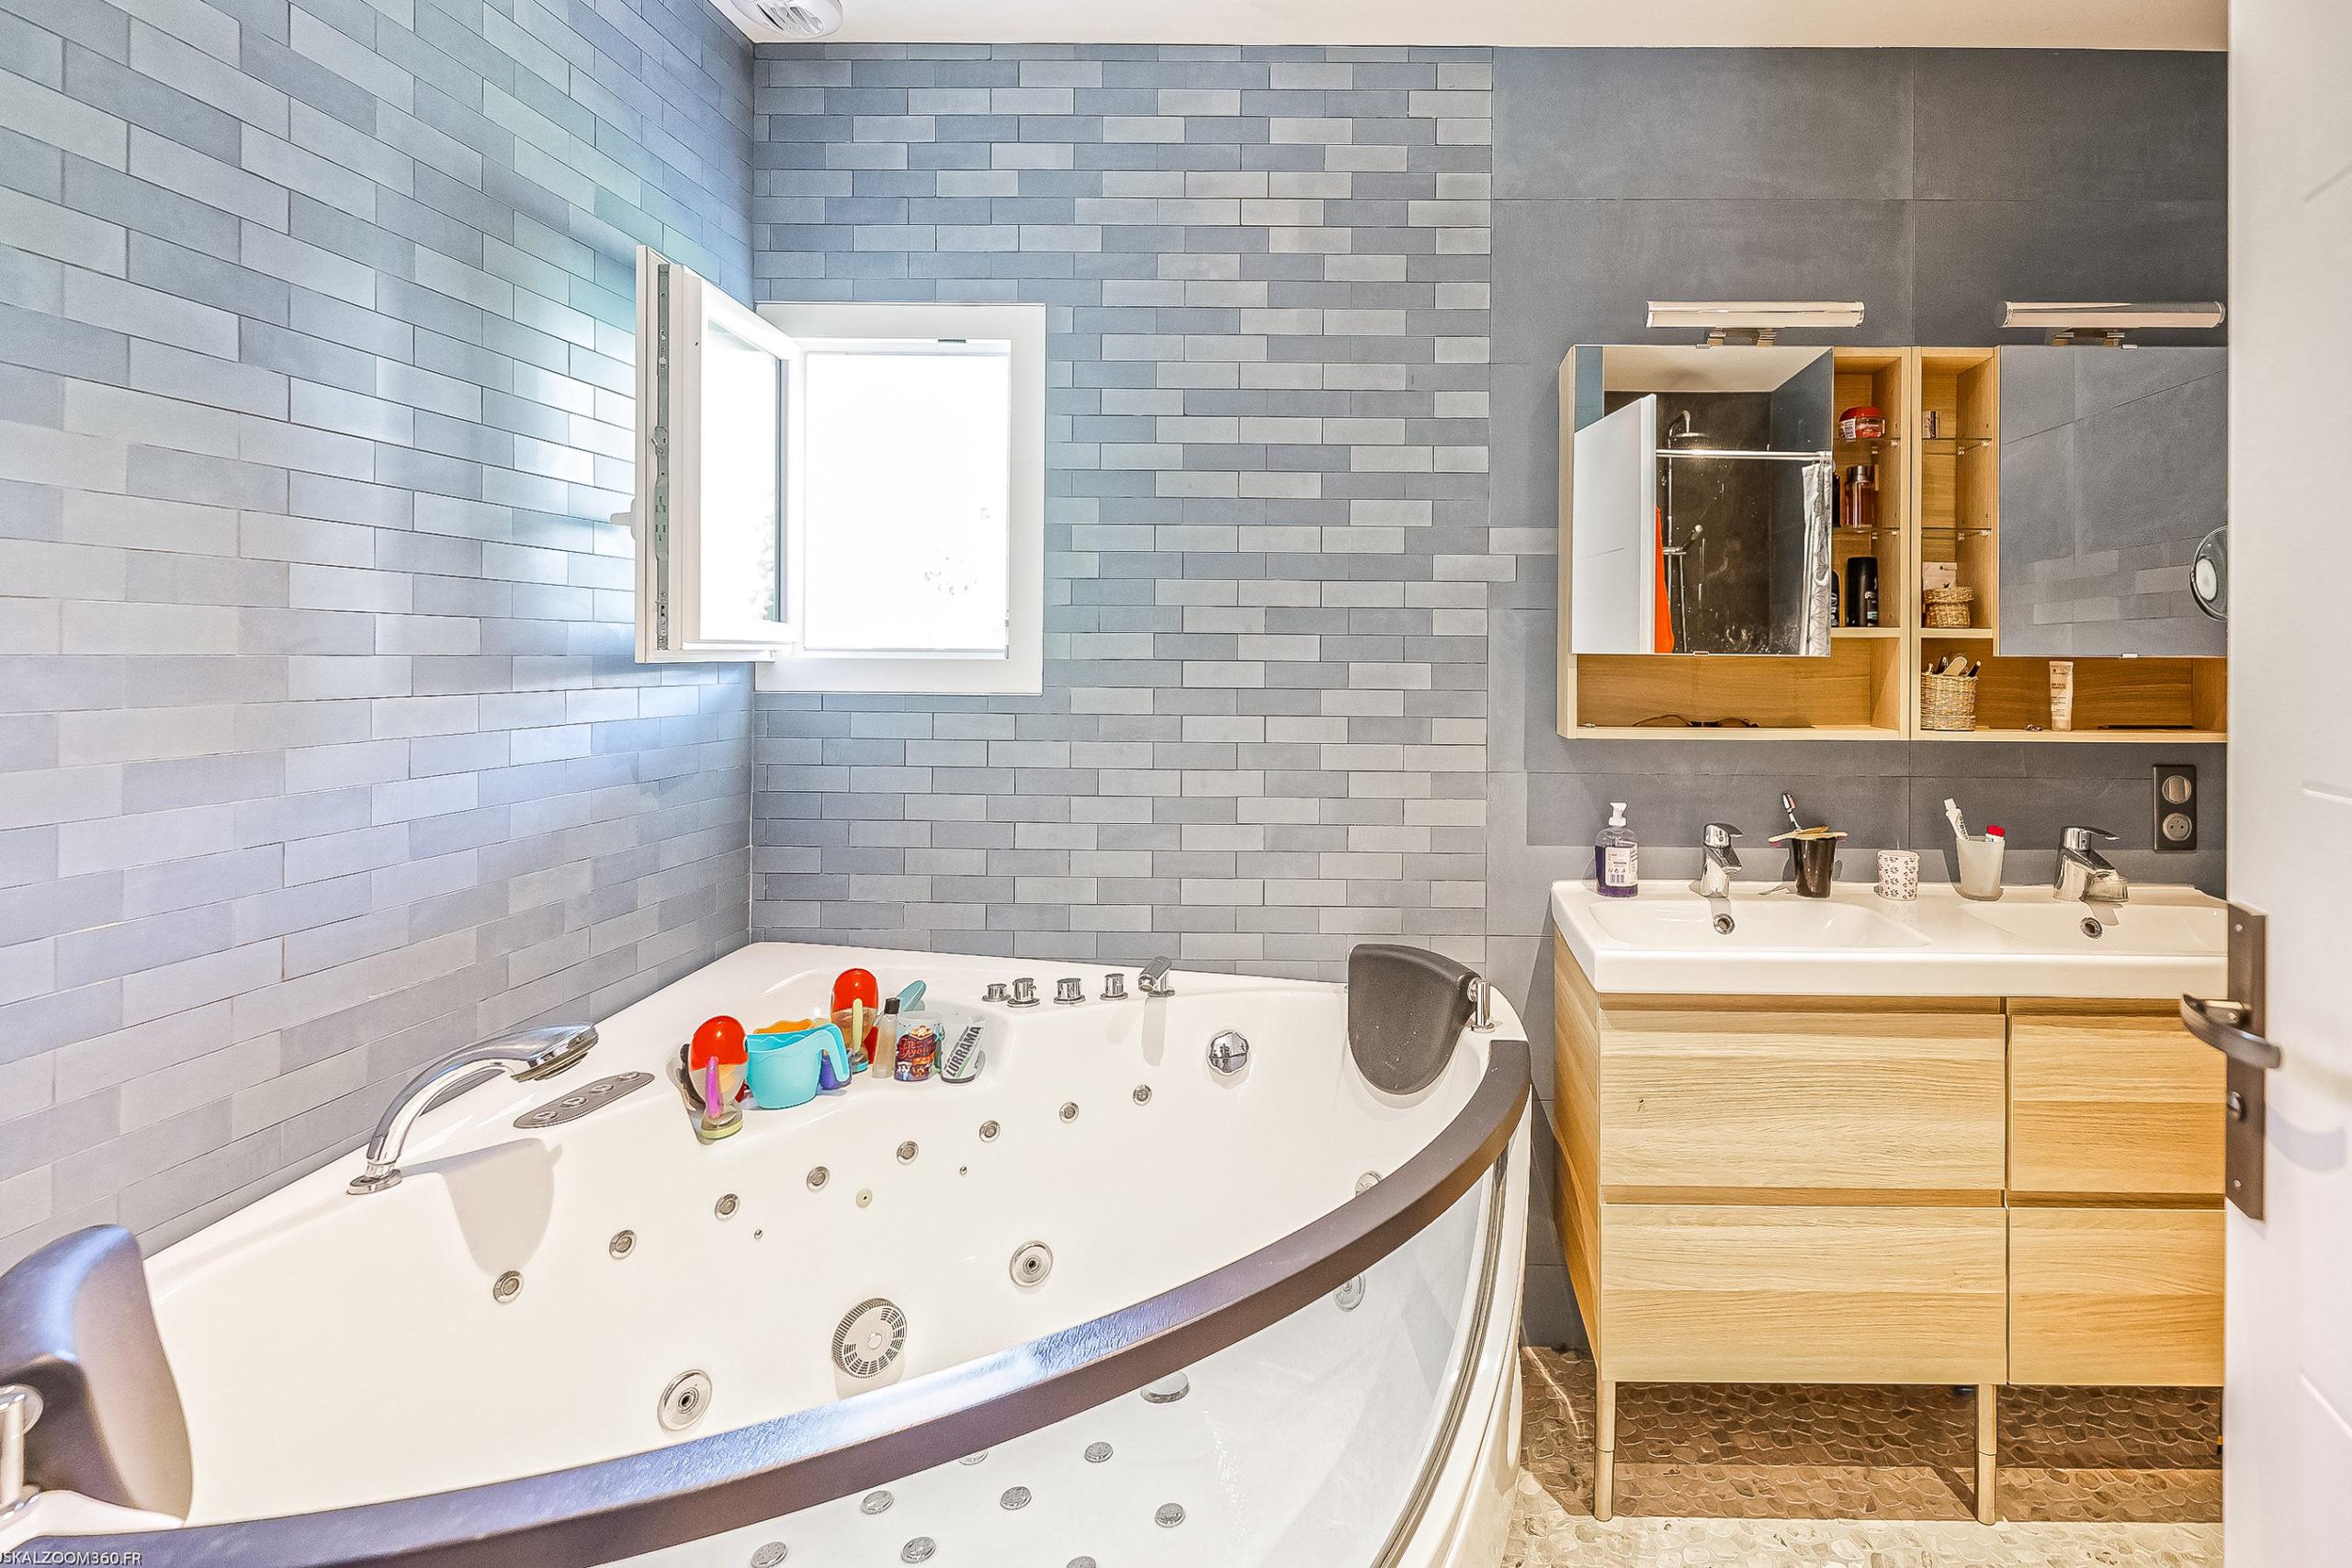 Plurielles architectures réalisation d'une maison neuve à Saint Pierre d'Irube salle de bain